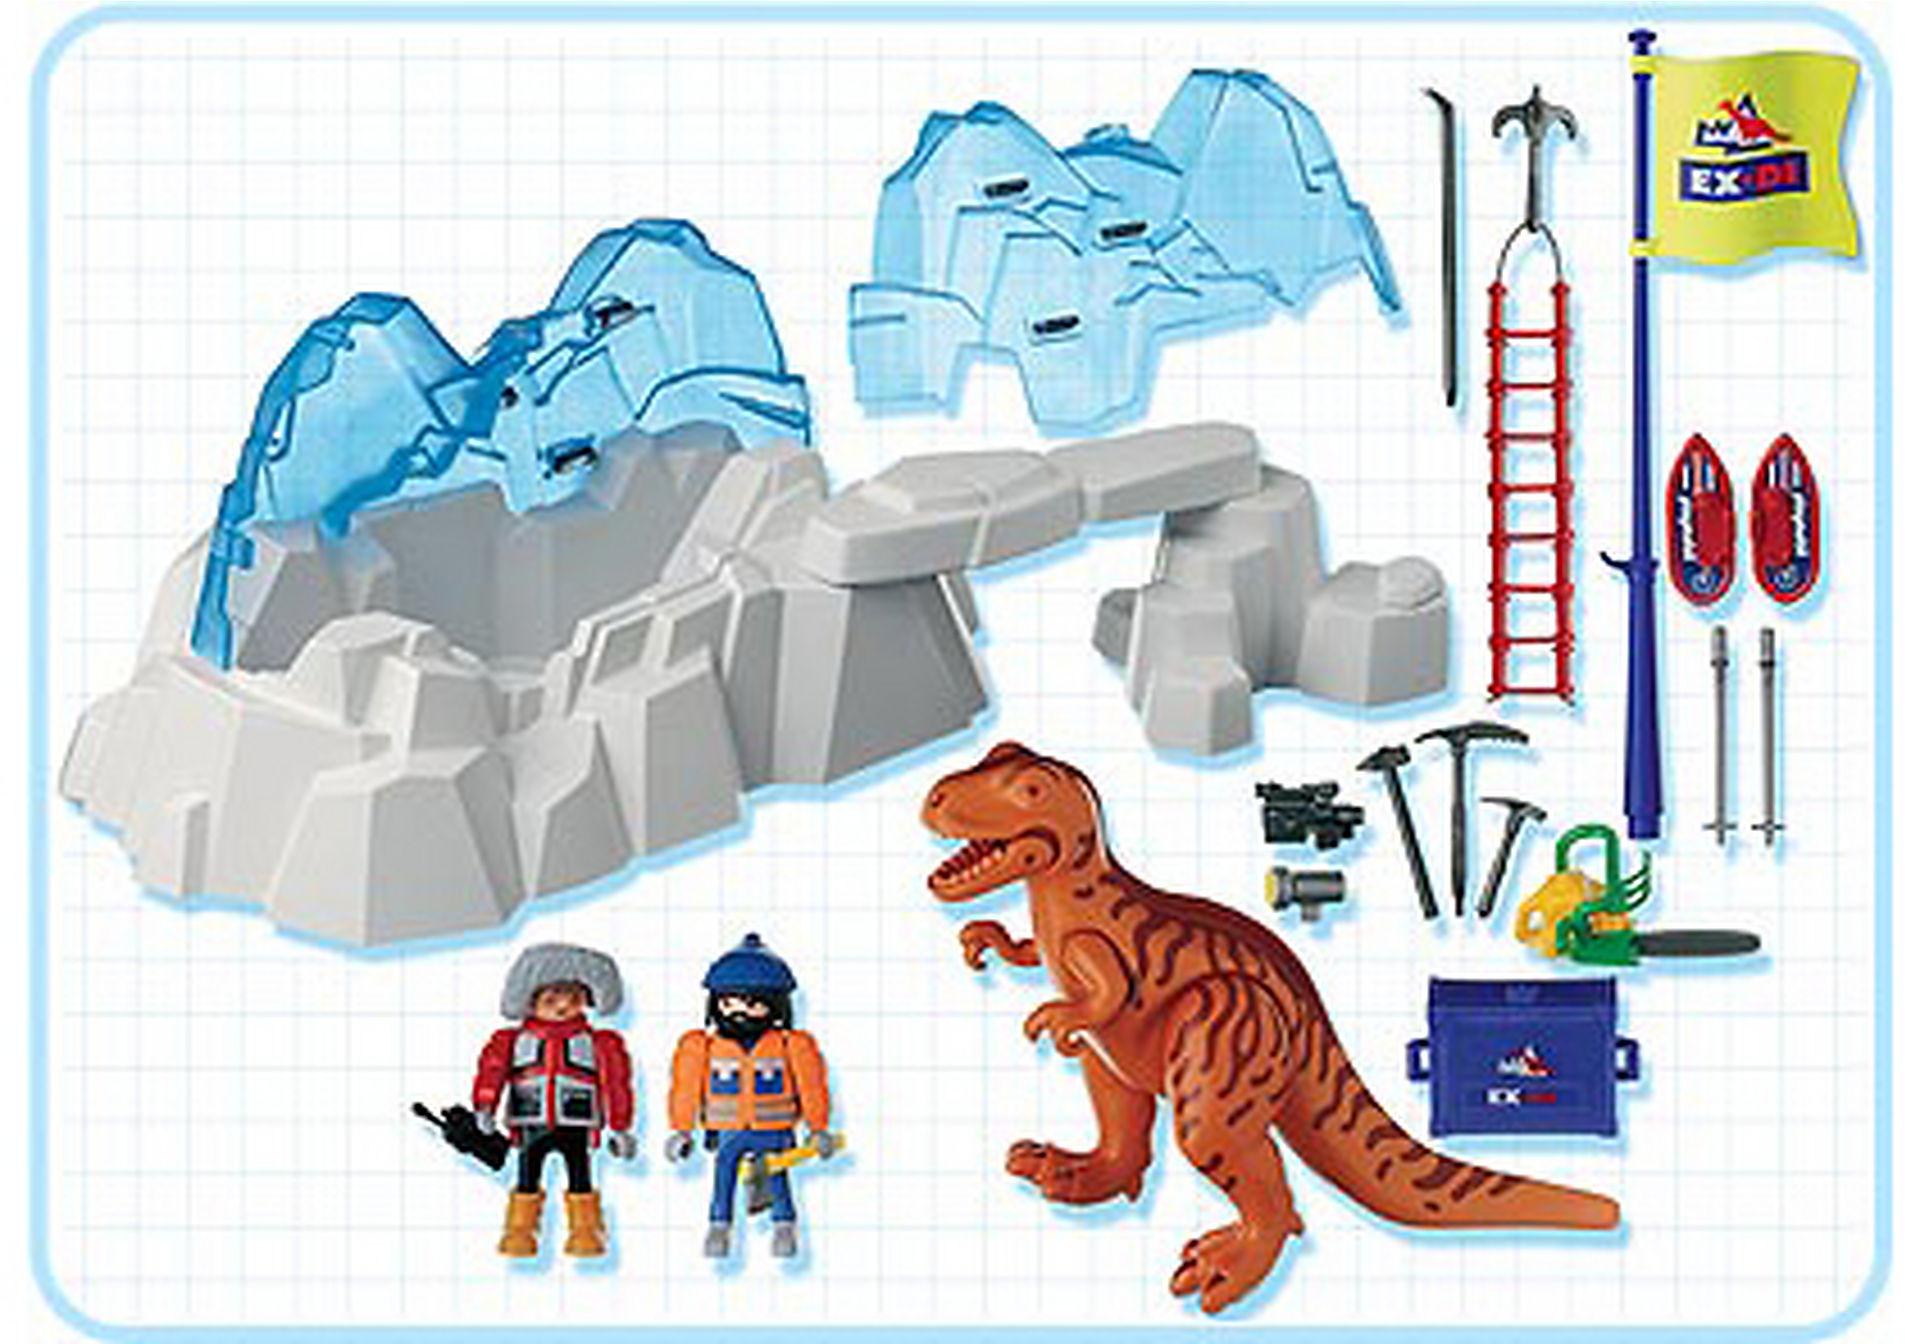 3170-A Großer Dinosaurierfund zoom image2